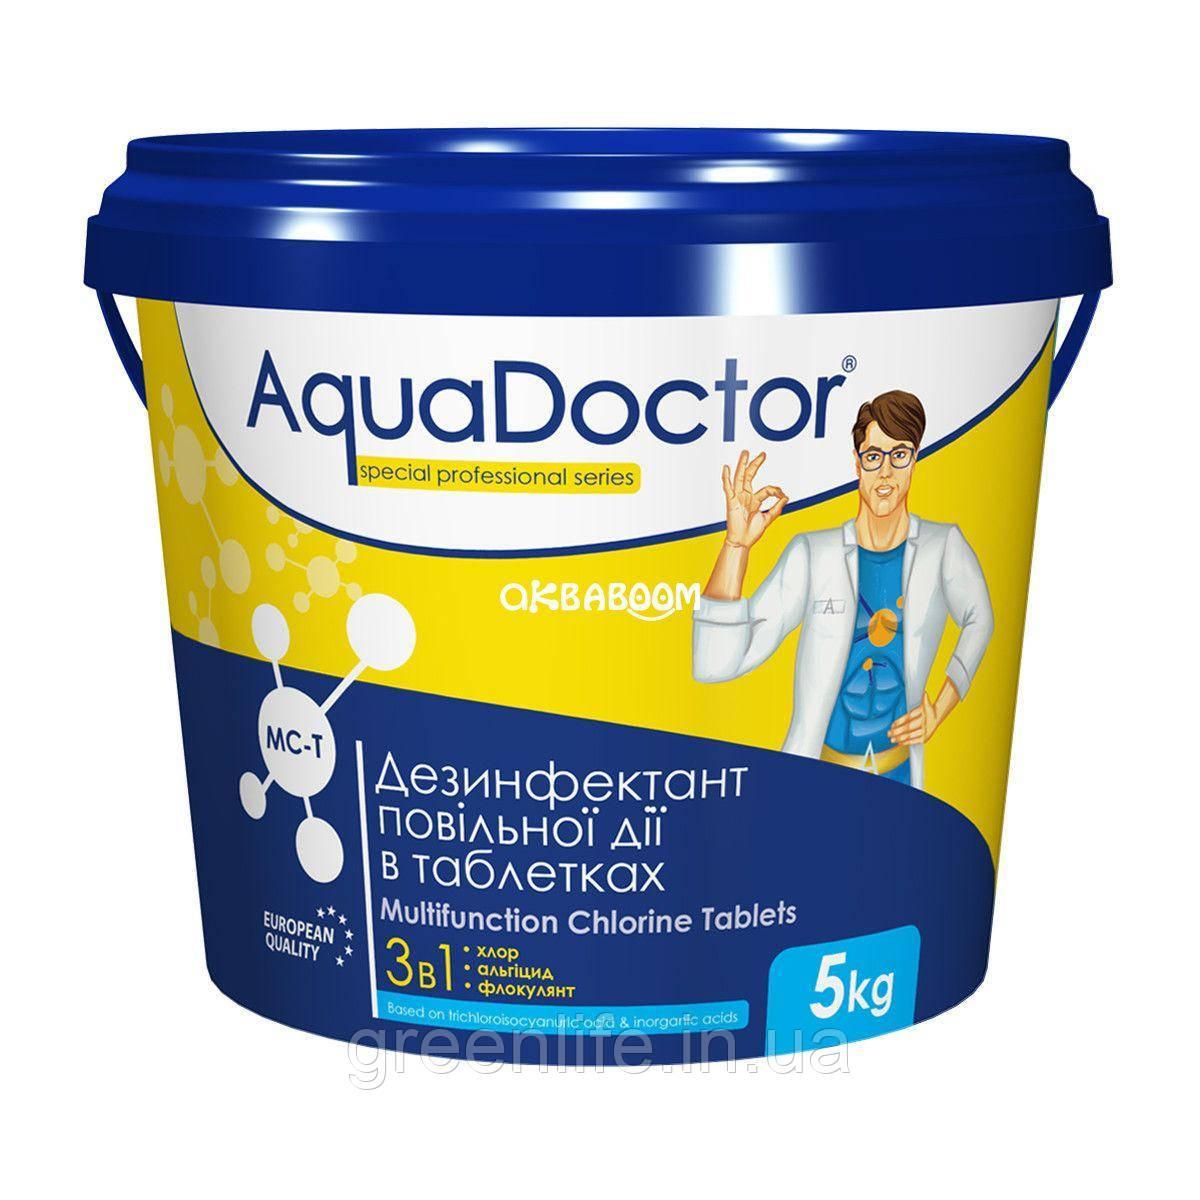 Длительный хлор 3 в 1 в таблетках Aquadoctor MC-T (5 кг), Аквадоктор, в таблетках, 5 кг